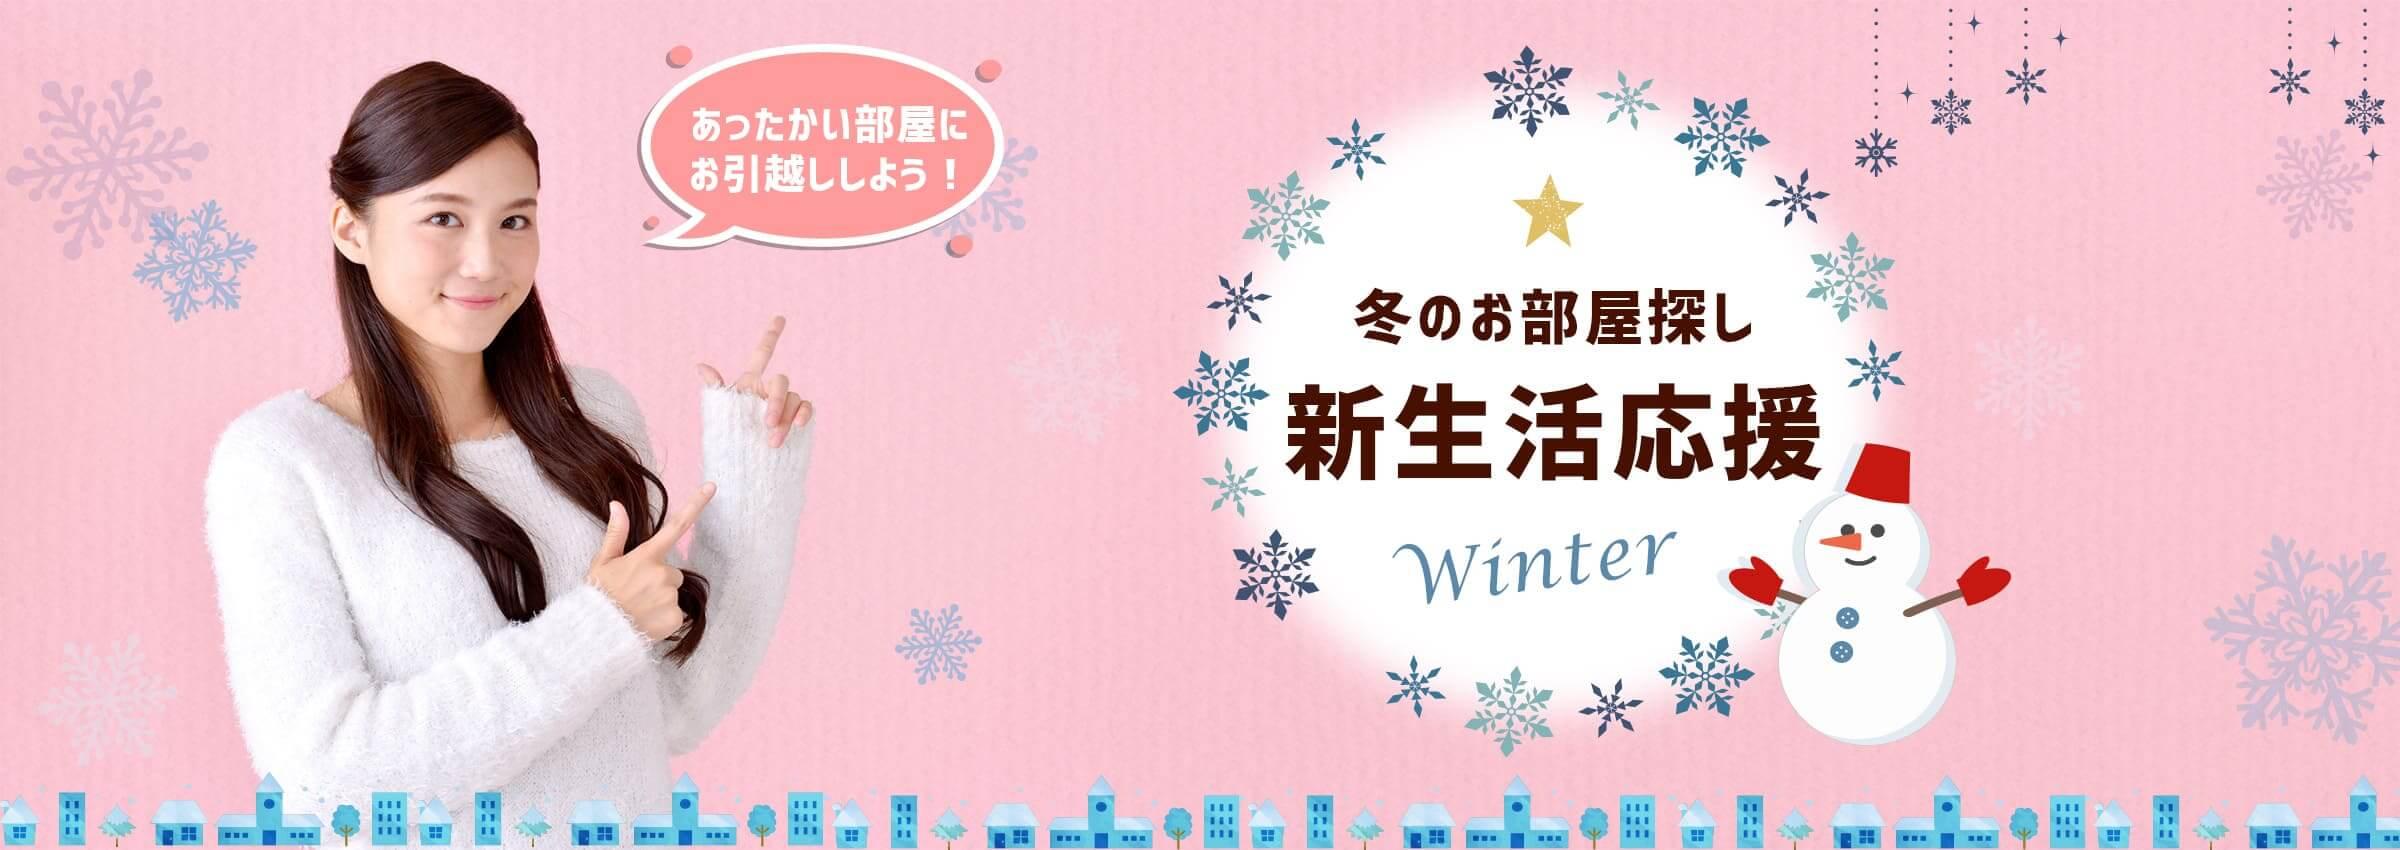 冬のお部屋探し 新生活応援!